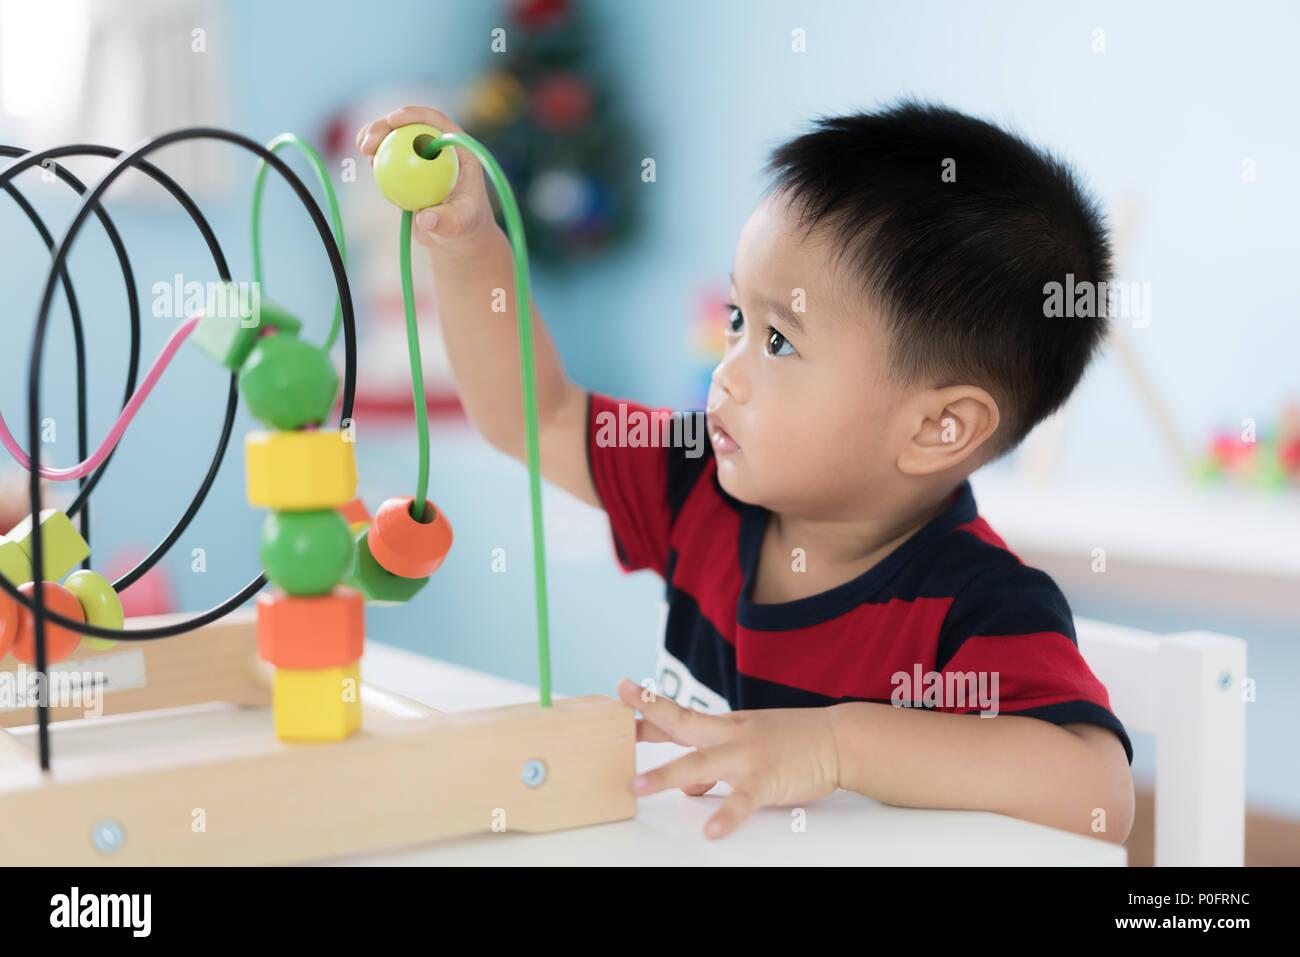 Adorabili Asian Toddler baby boy seduti su una sedia e a giocare con i colori dei giocattoli di sviluppo a casa. Immagini Stock